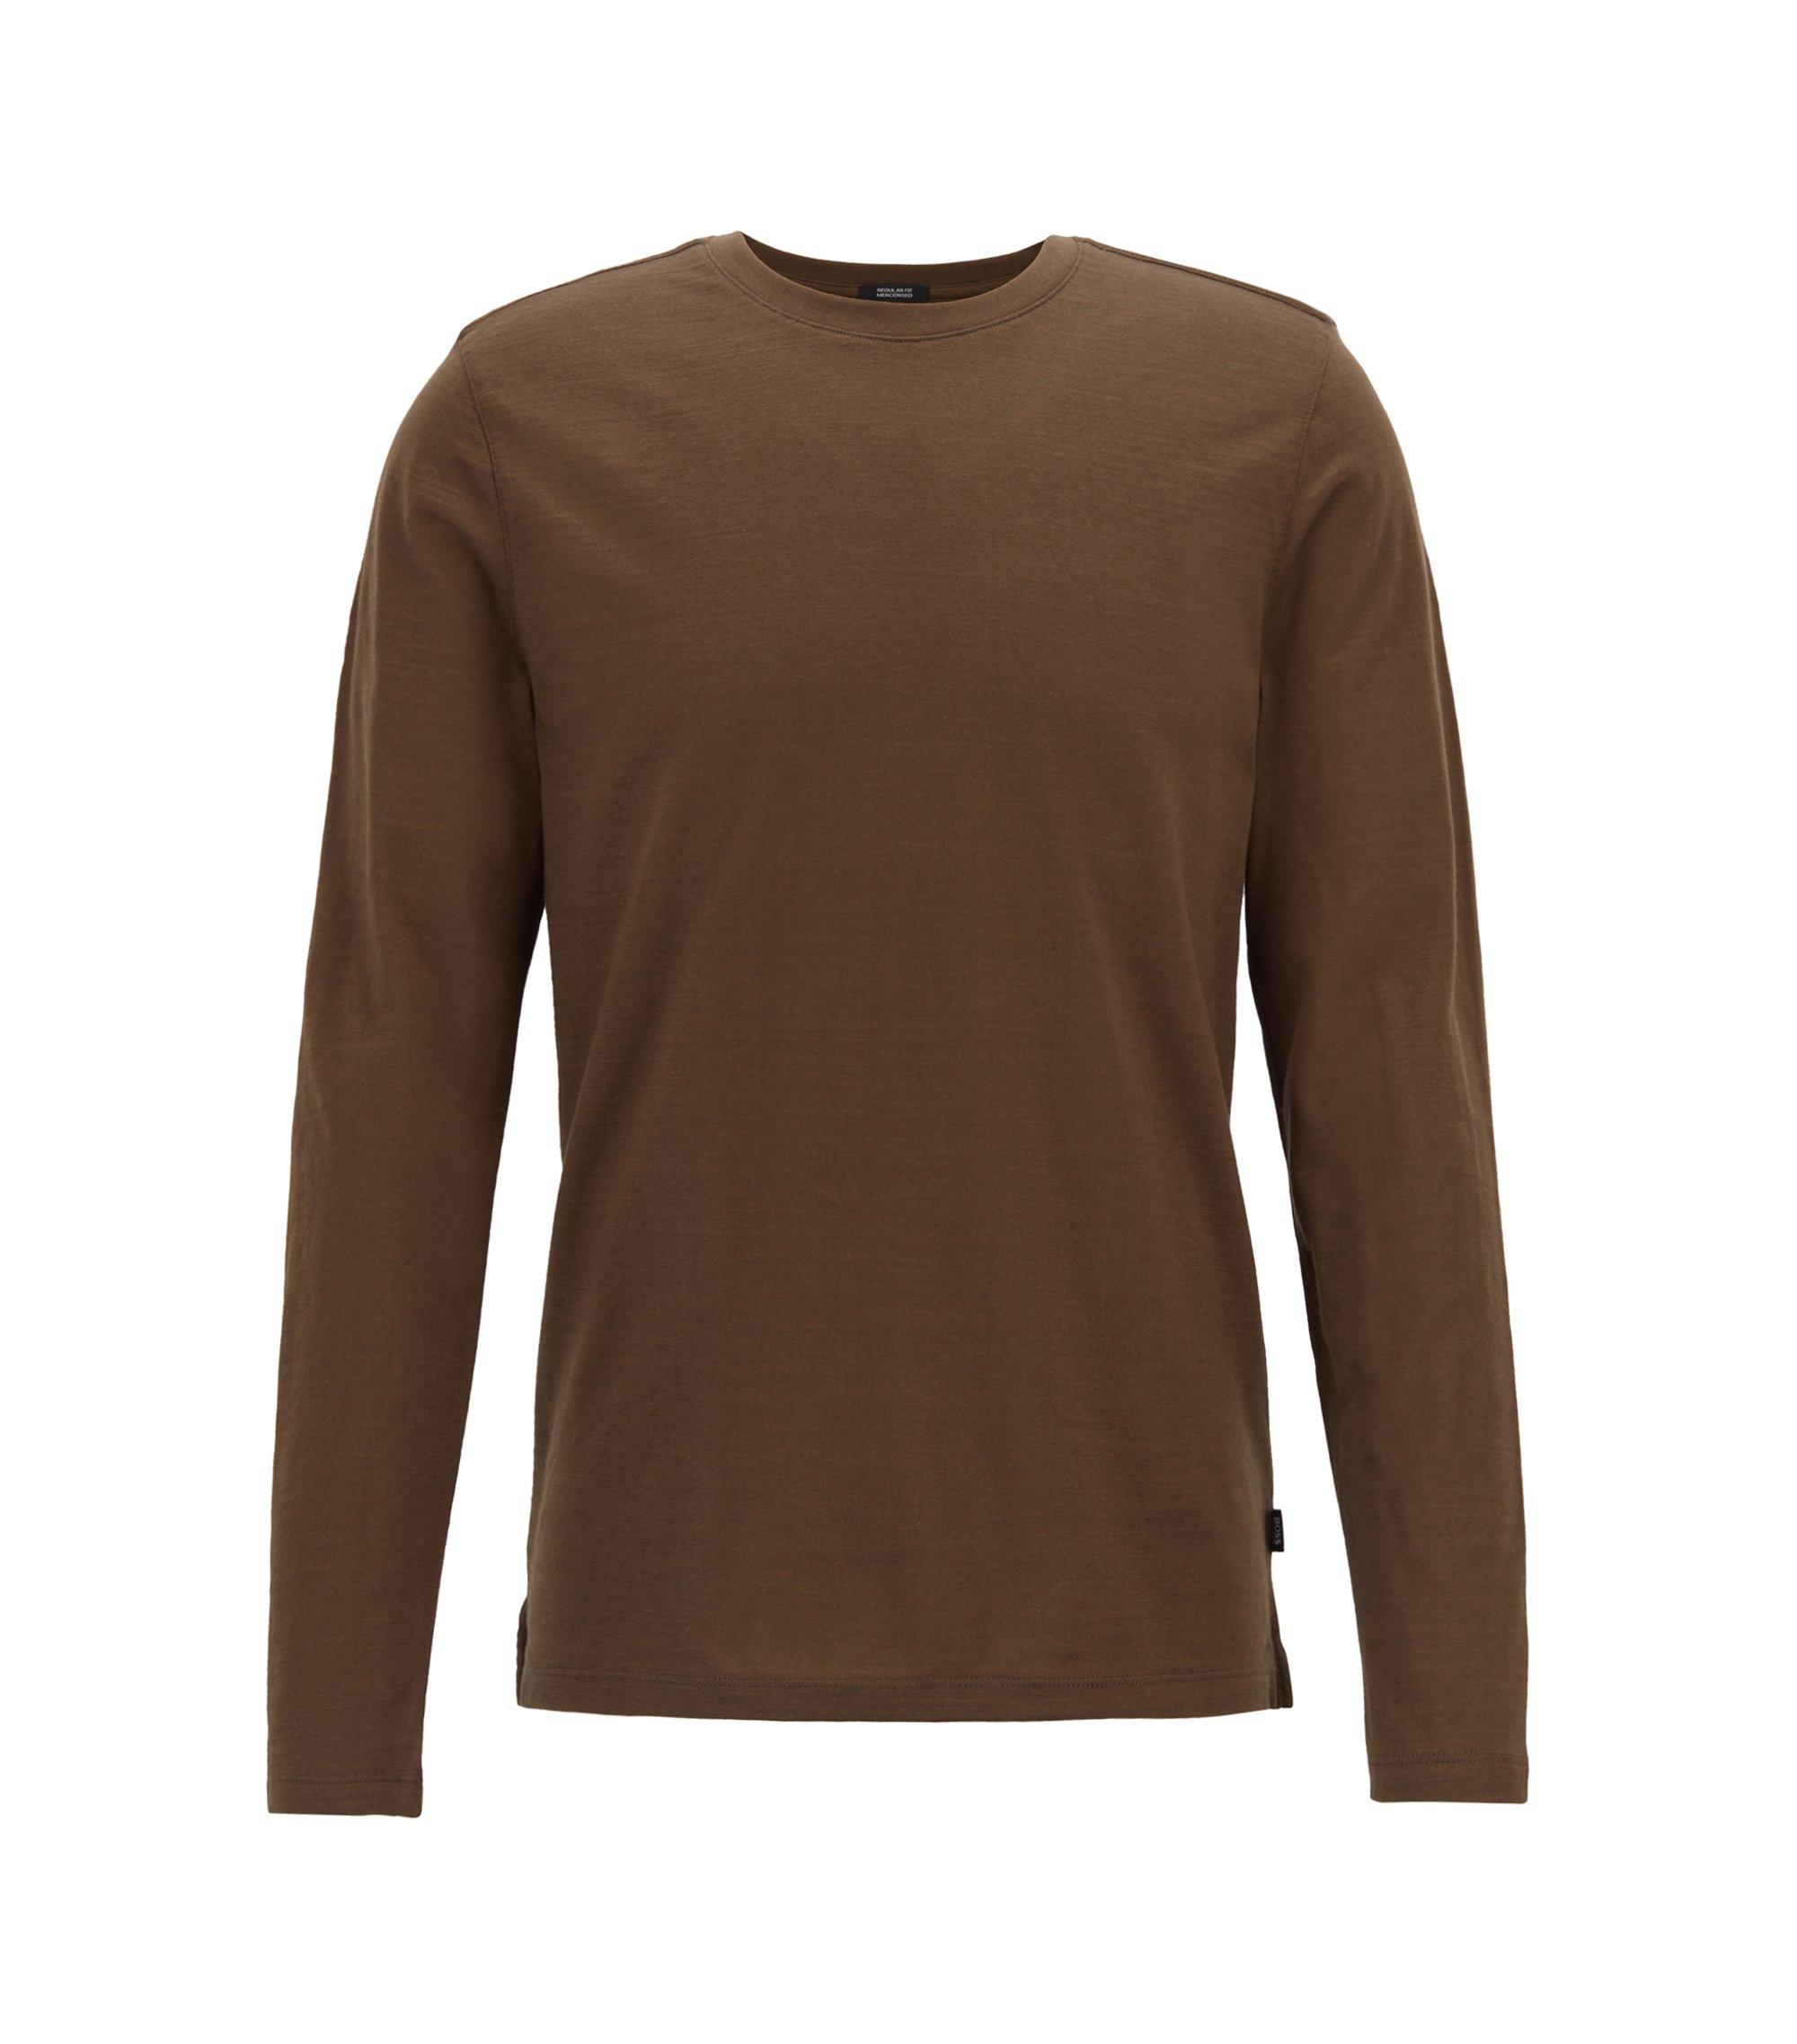 T-shirt Slim Fit à manches longues en coton flammé mercerisé, Chaux